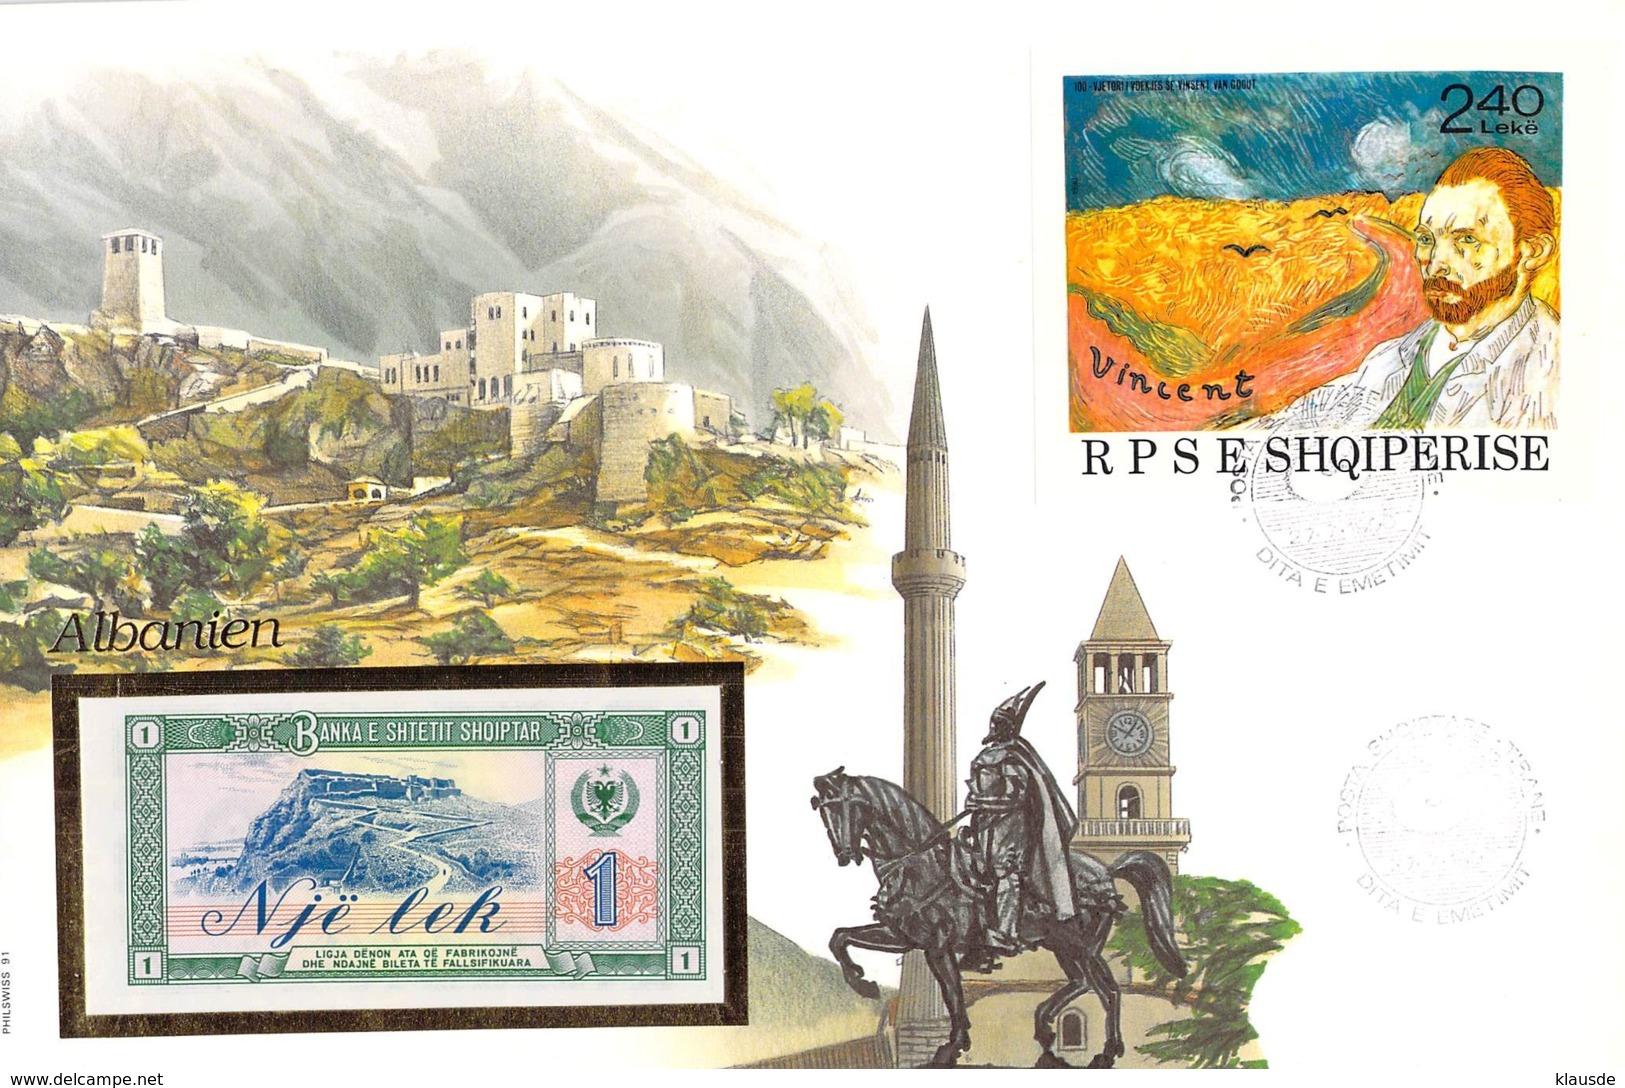 FDC Mit 1 Lek Bankfrisch 1976  & Block  Albanien - Albanie